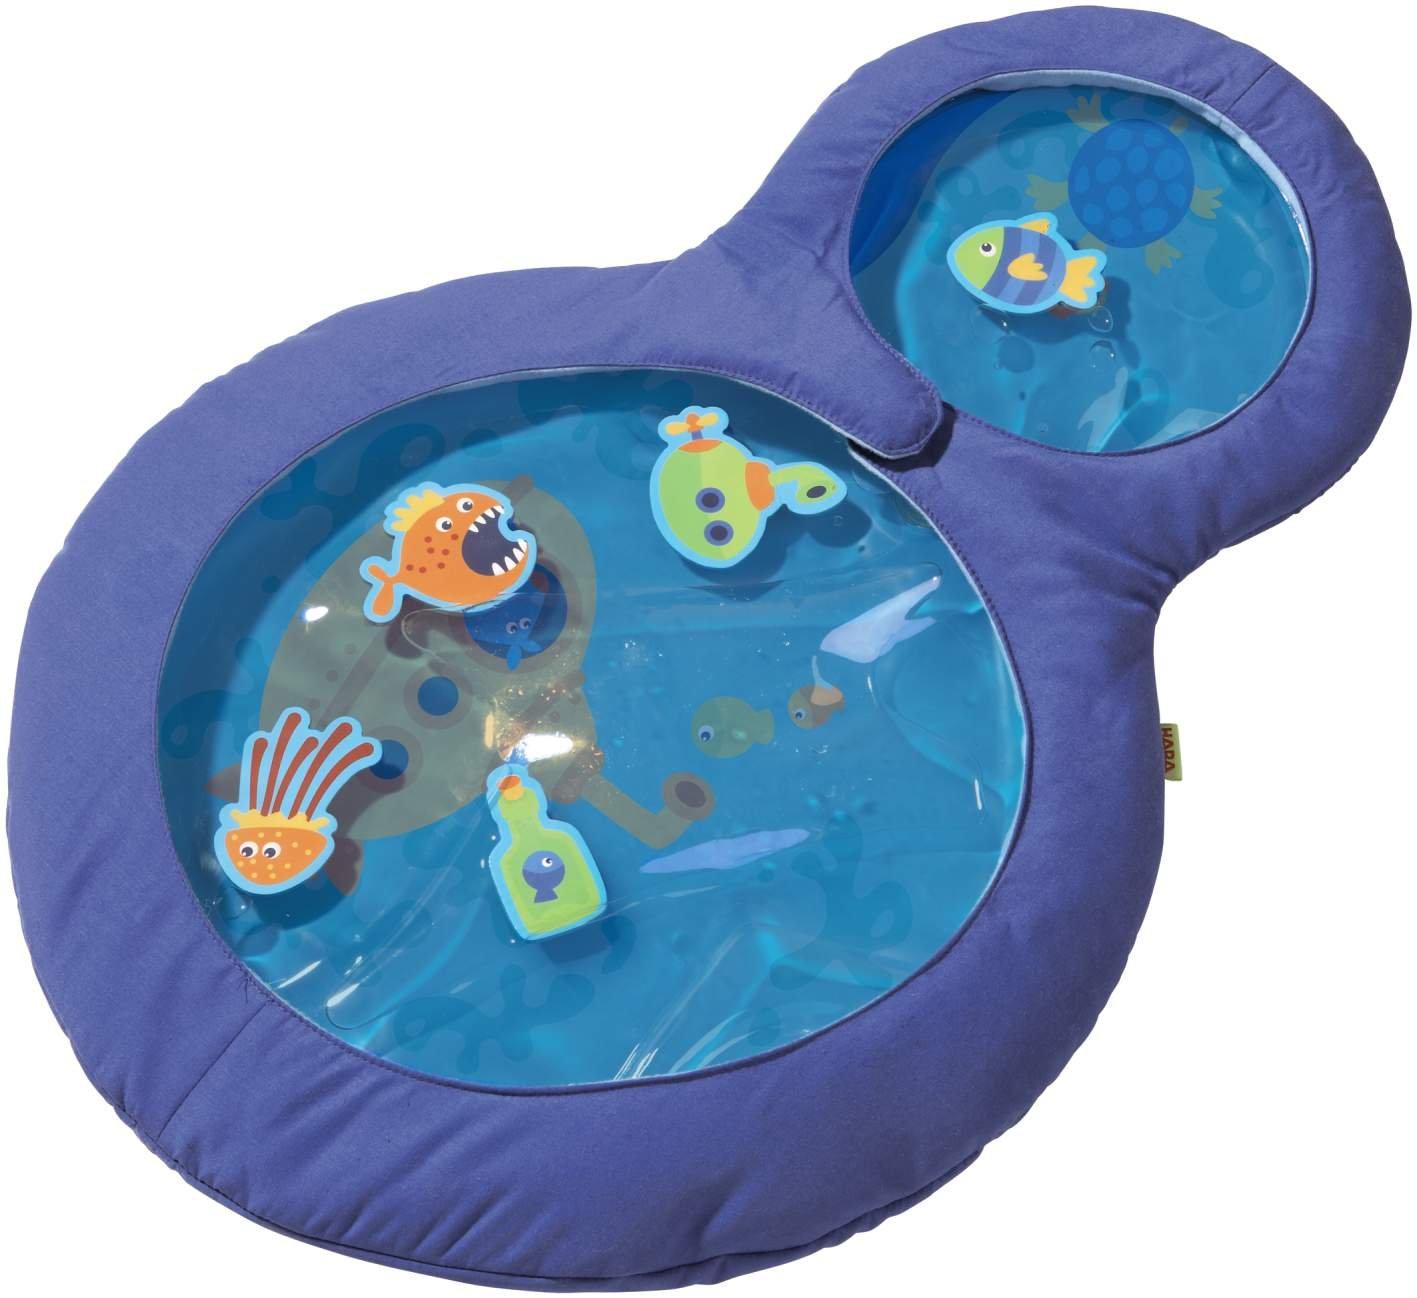 HABA Wasserspielmatte kleine Taucher